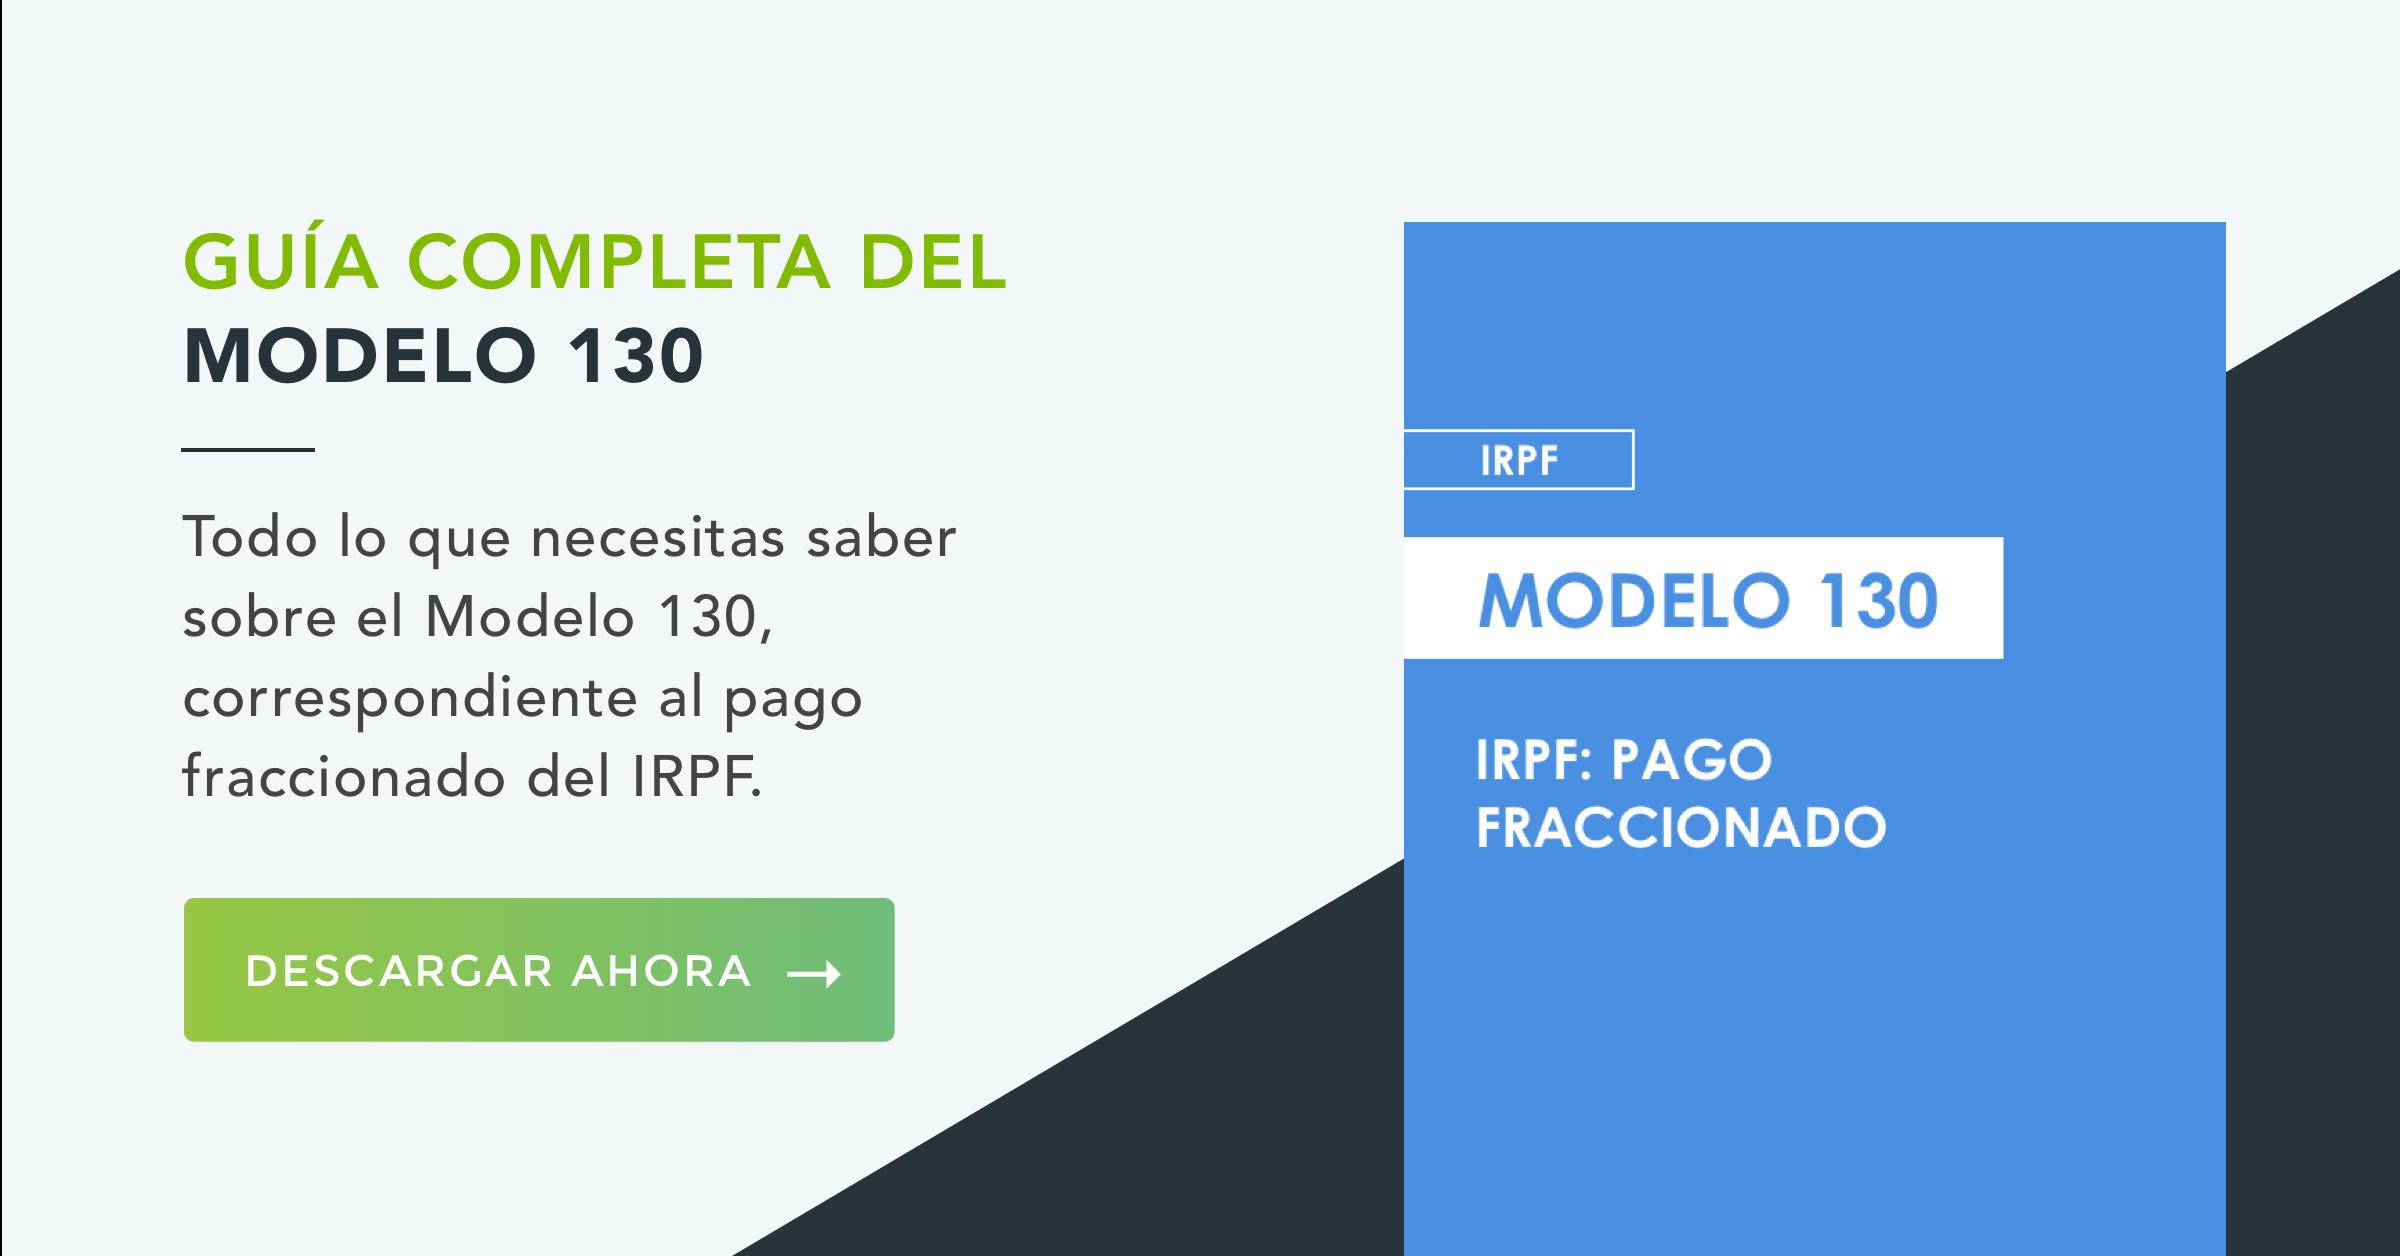 Modelo 130 IRPF